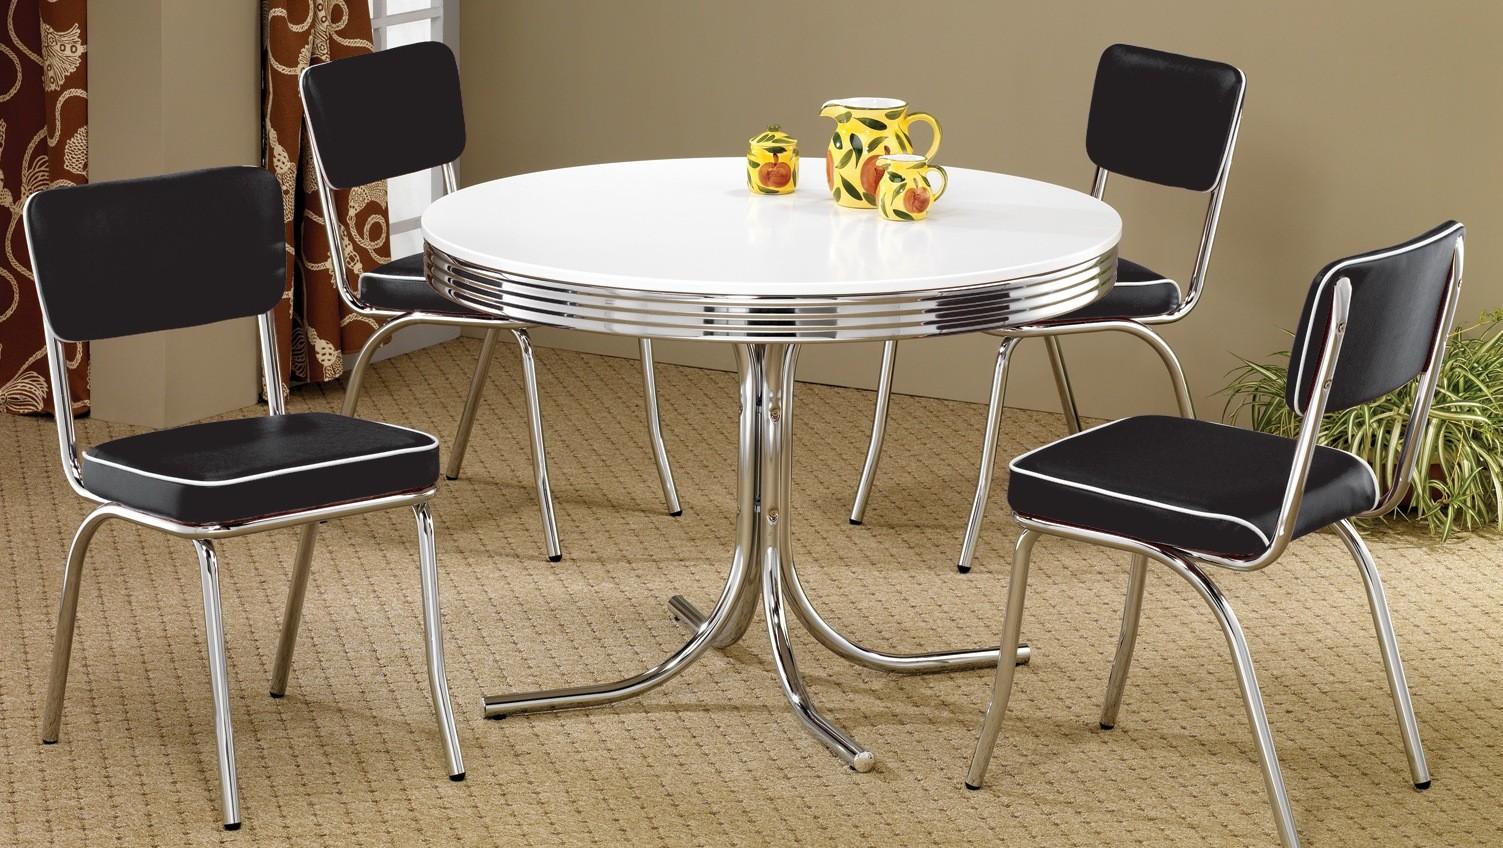 2388 Retro Chrome Round Retro Dining Room Set From Coaster